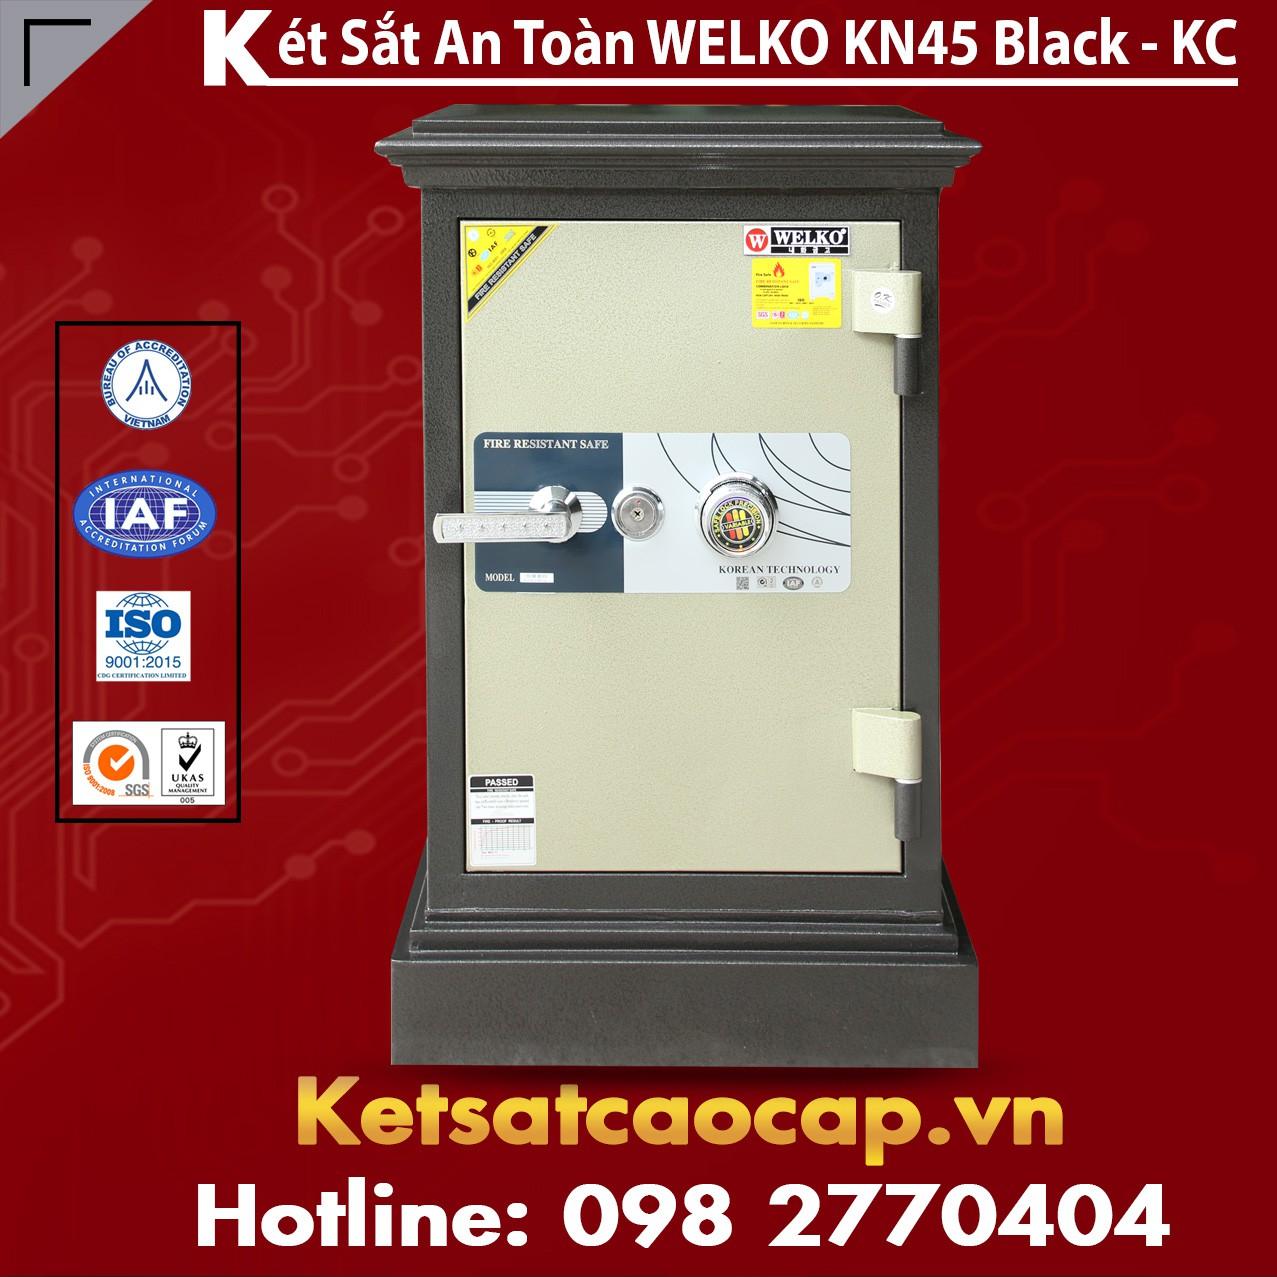 Két Sắt Khoá Cơ WELKO KN45 Black - KC